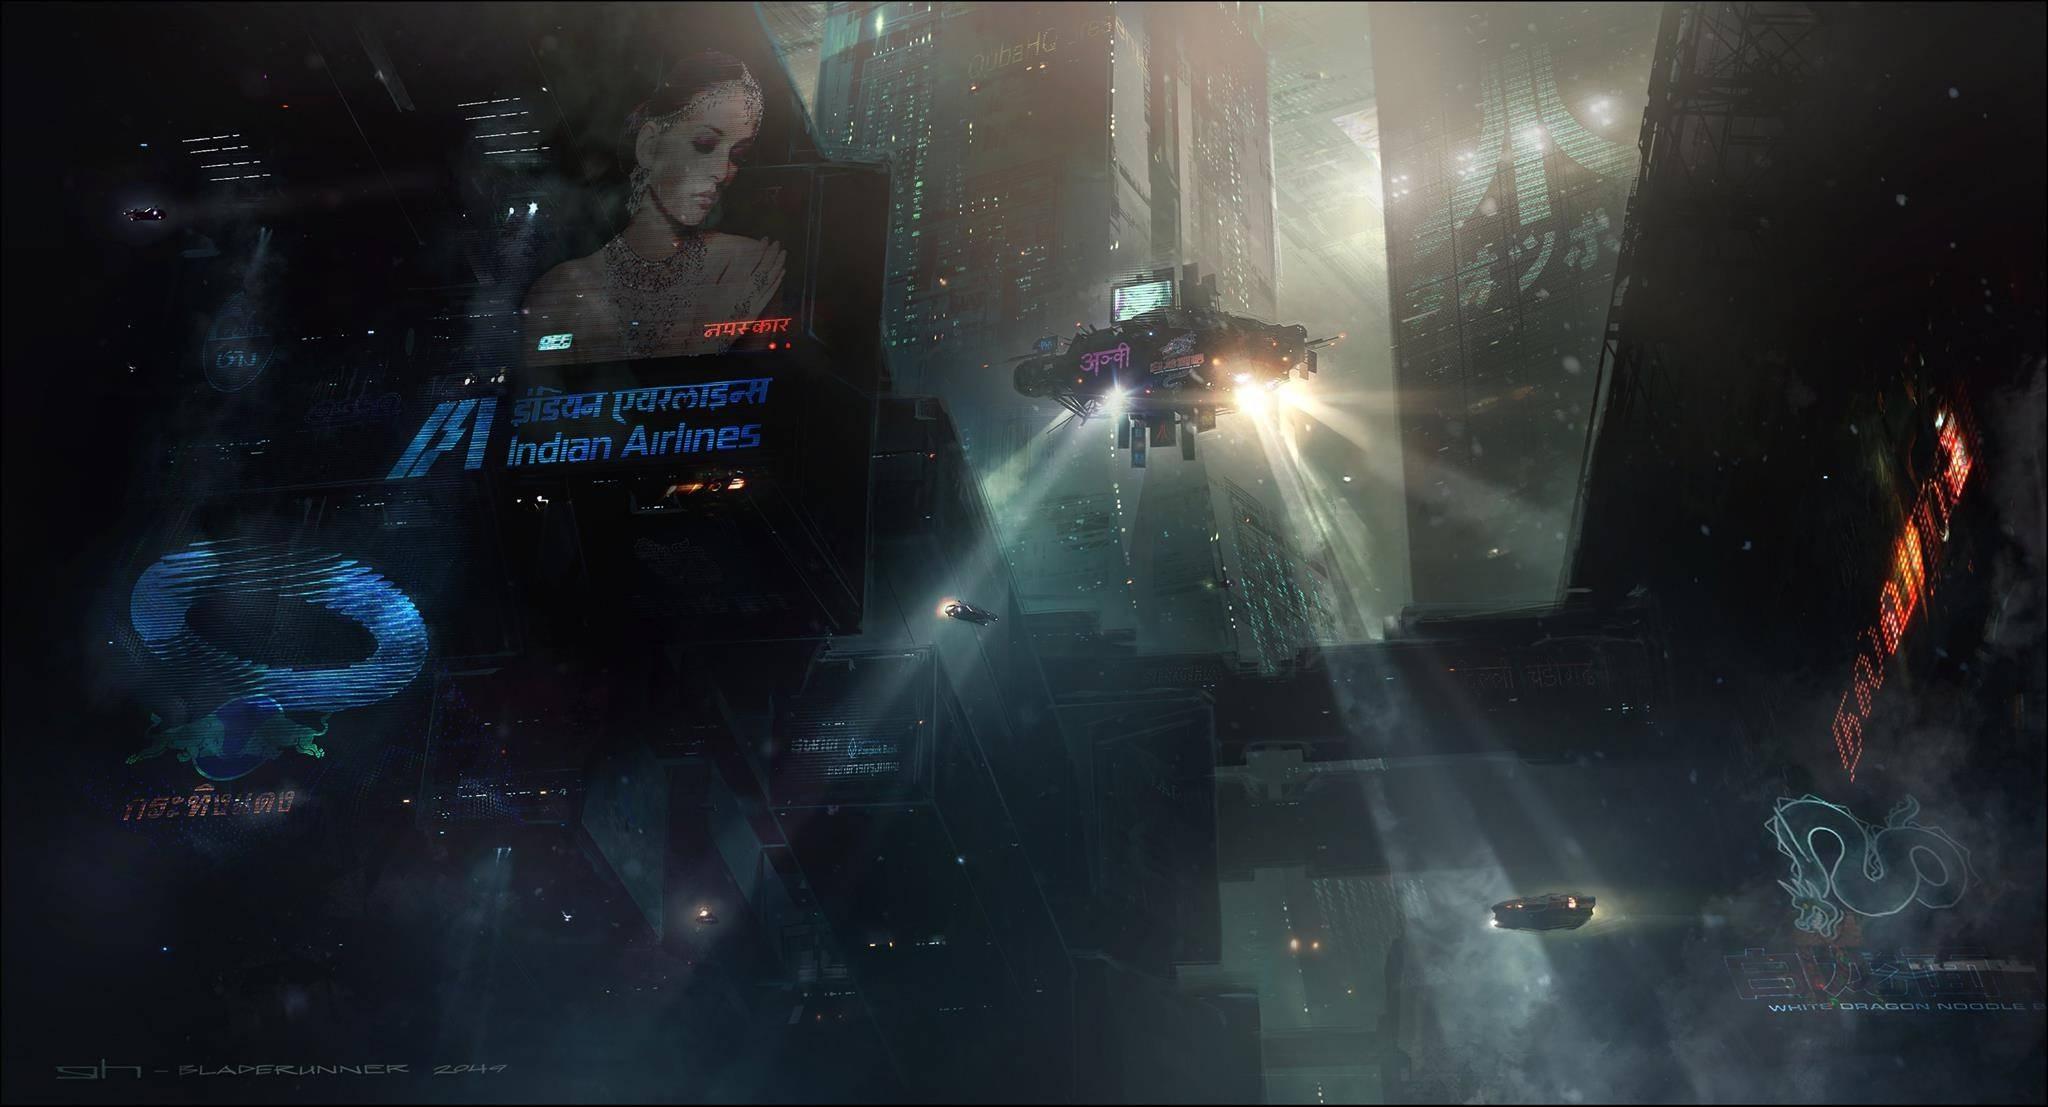 Виды киберпанка: стильные концепт-арты к фильму «Бегущий по лезвию 2049» 26